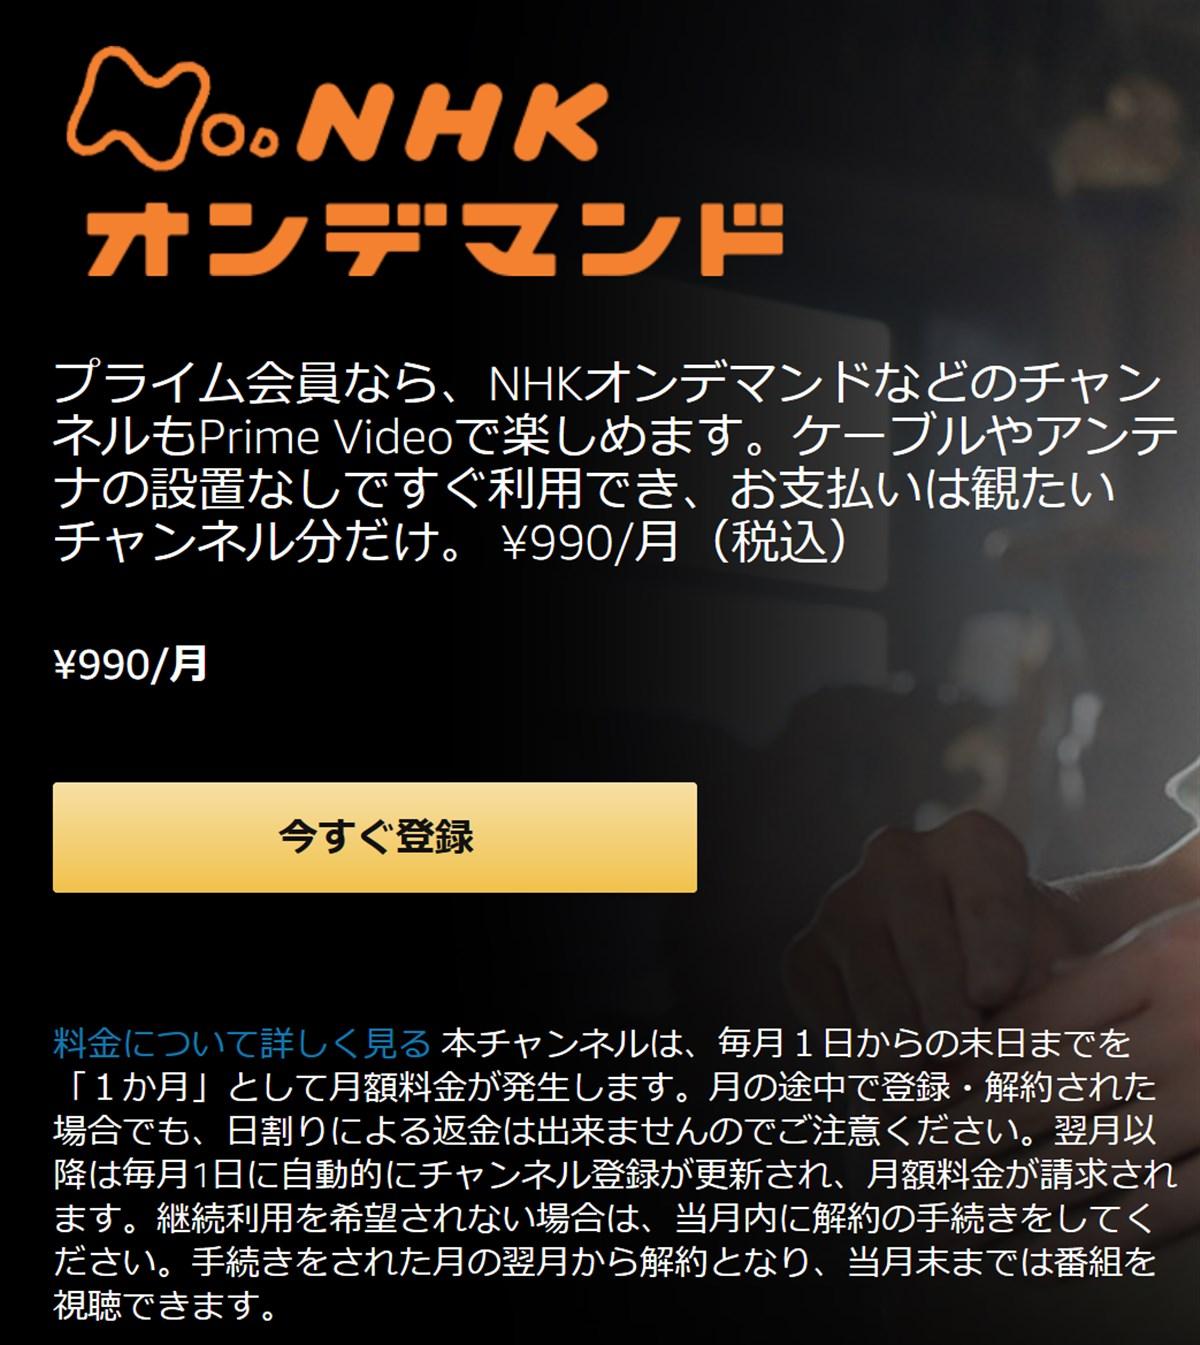 AmazonでNHKオンデマンドを見るには990円の追加料金が発生